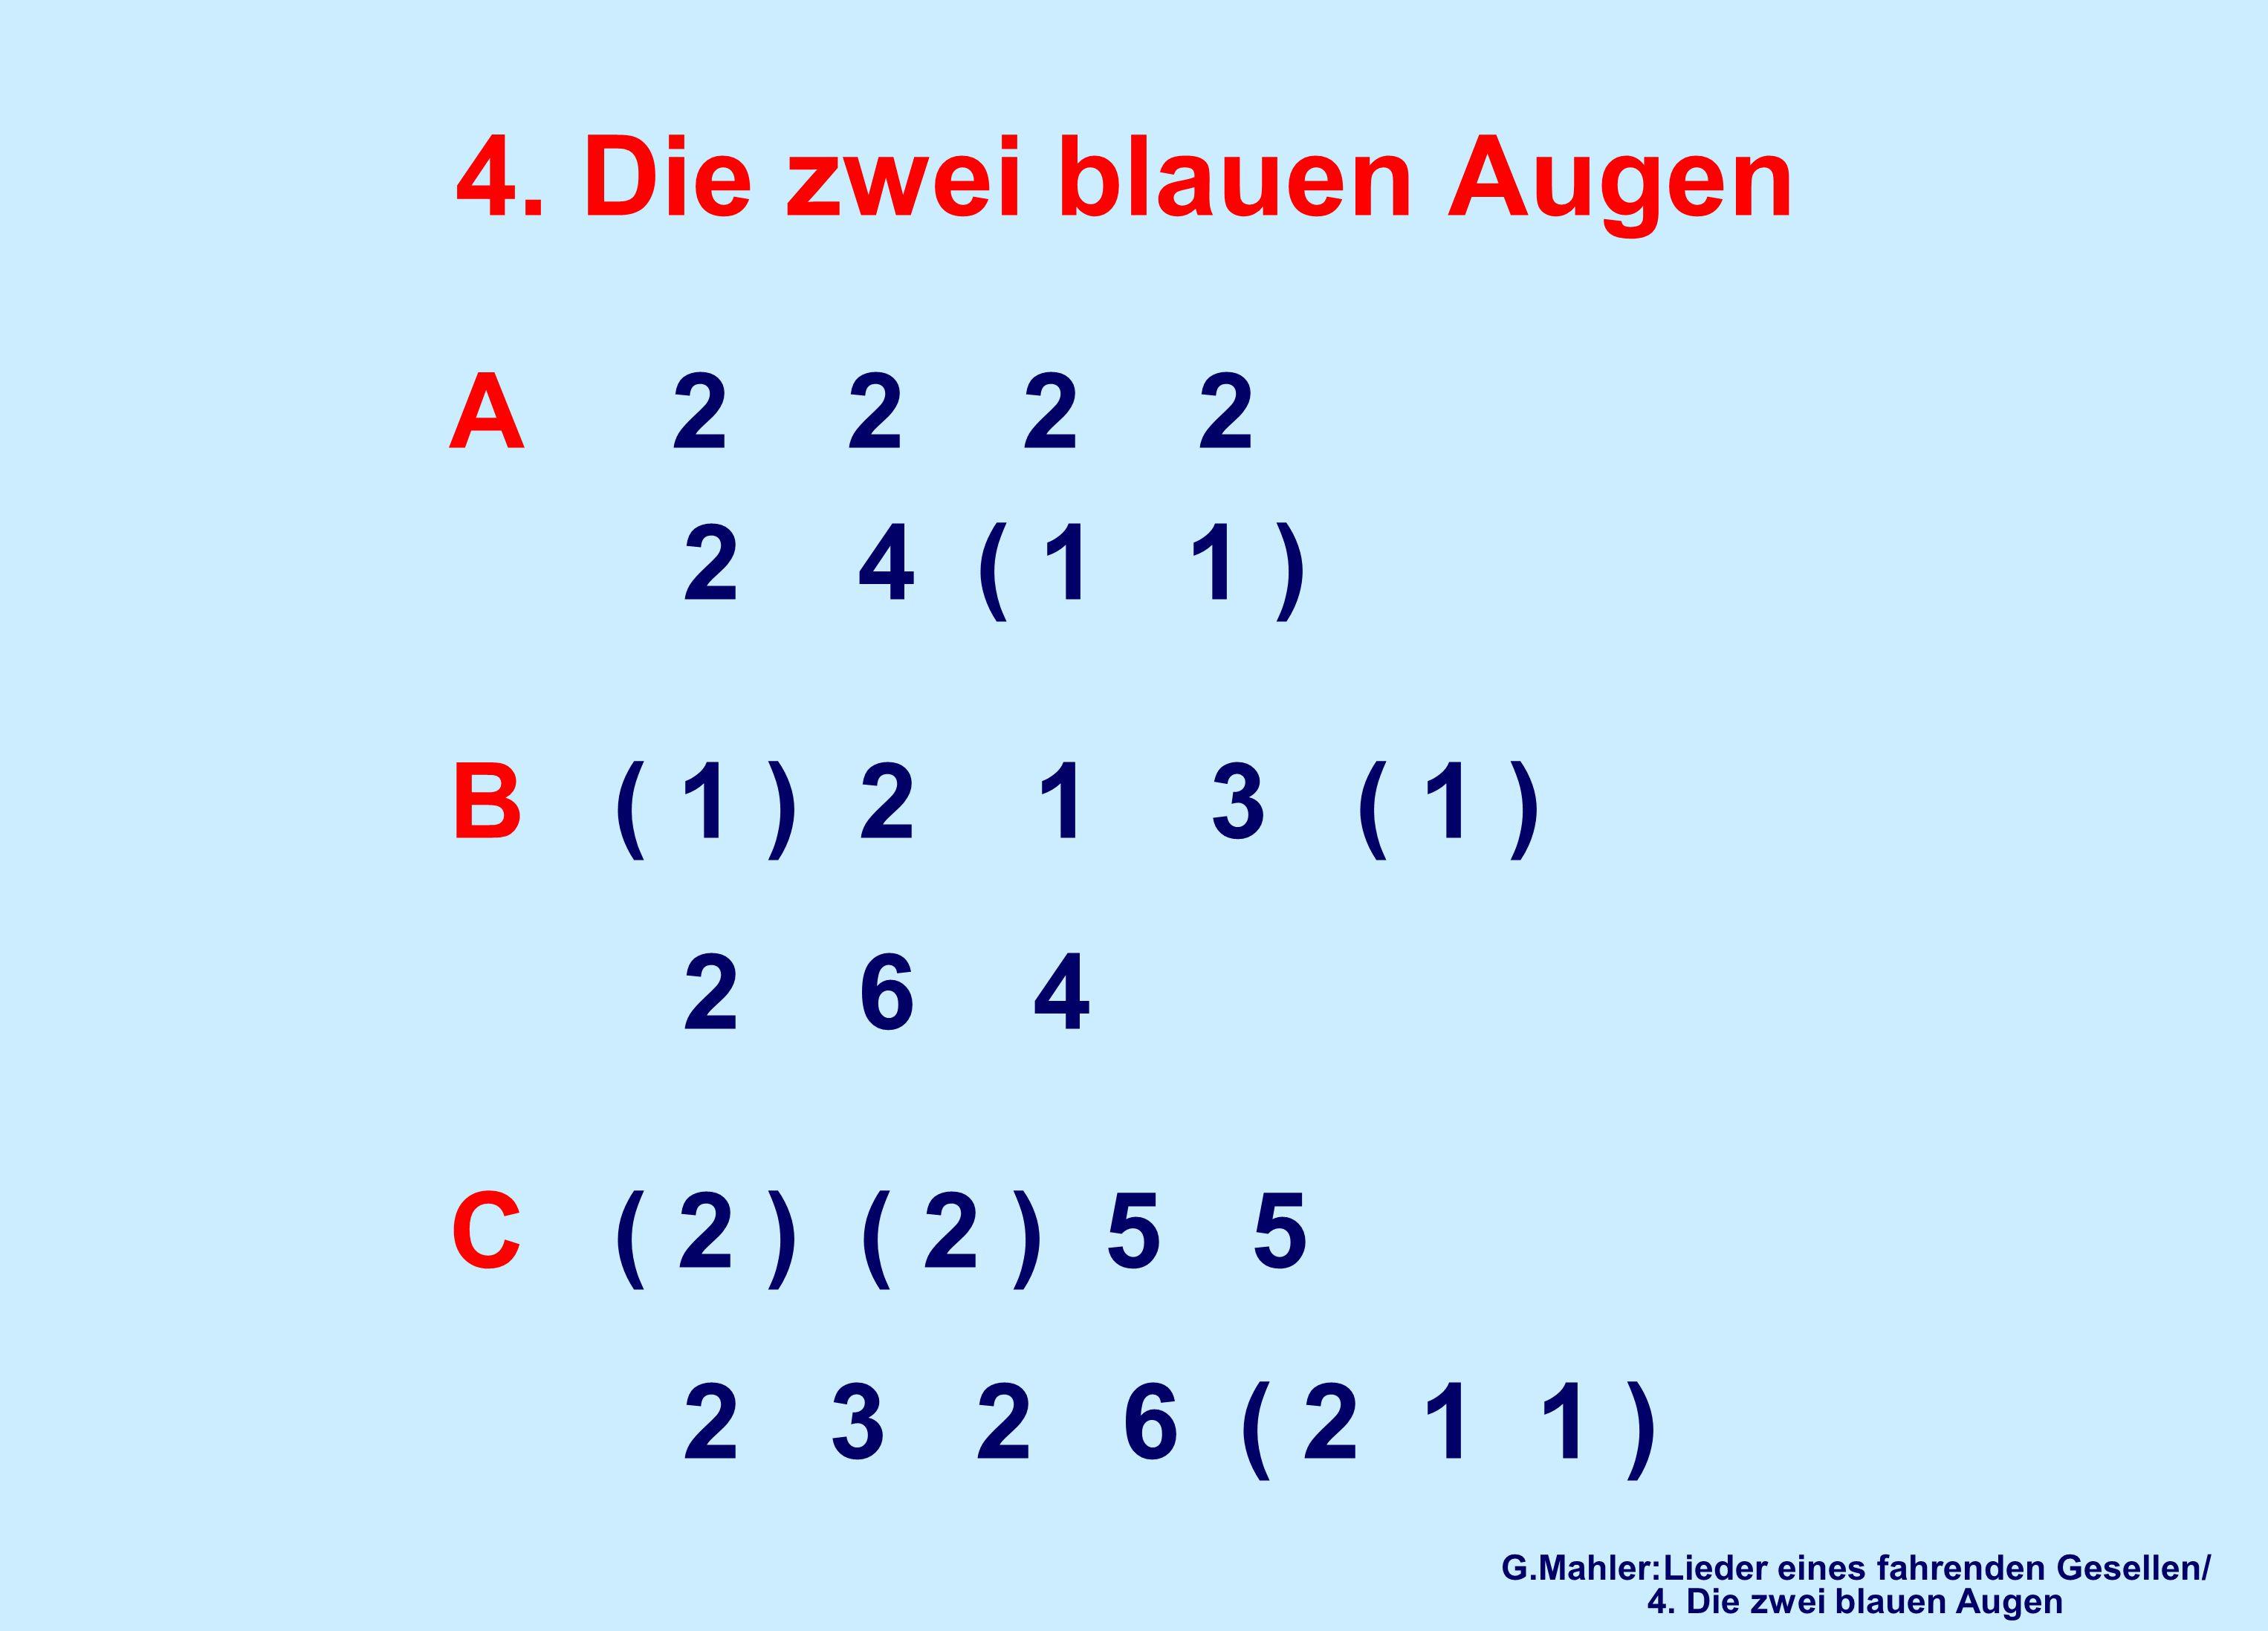 4. Die zwei blauen Augen A 2 2 2 2 2 4 ( 1 1 ) B ( 1 ) 2 1 3 ( 1 ) 2 6 4 C ( 2 ) ( 2 ) 5 5 2 3 2 6 ( 2 1 1 ) G.Mahler:Lieder eines fahrenden Gesellen/